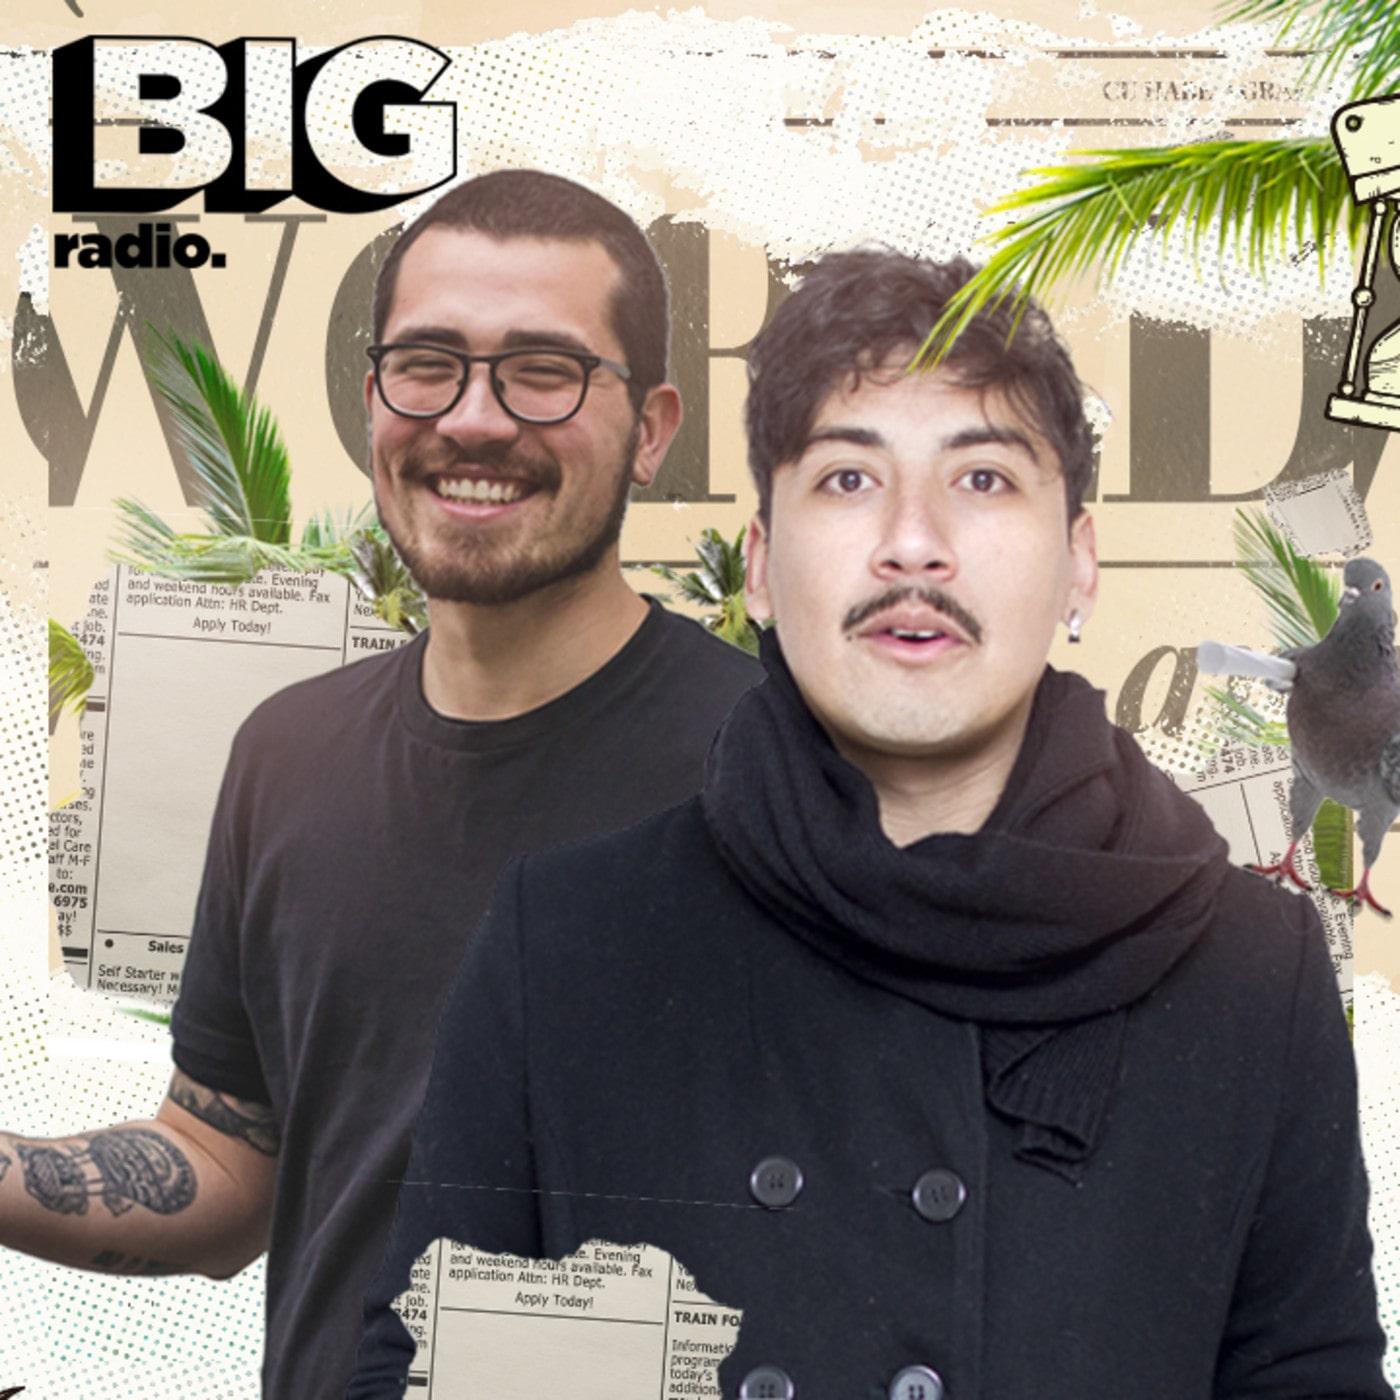 """Afiche promocional del ex-programa de BigRadio, """"Maldito Día""""."""